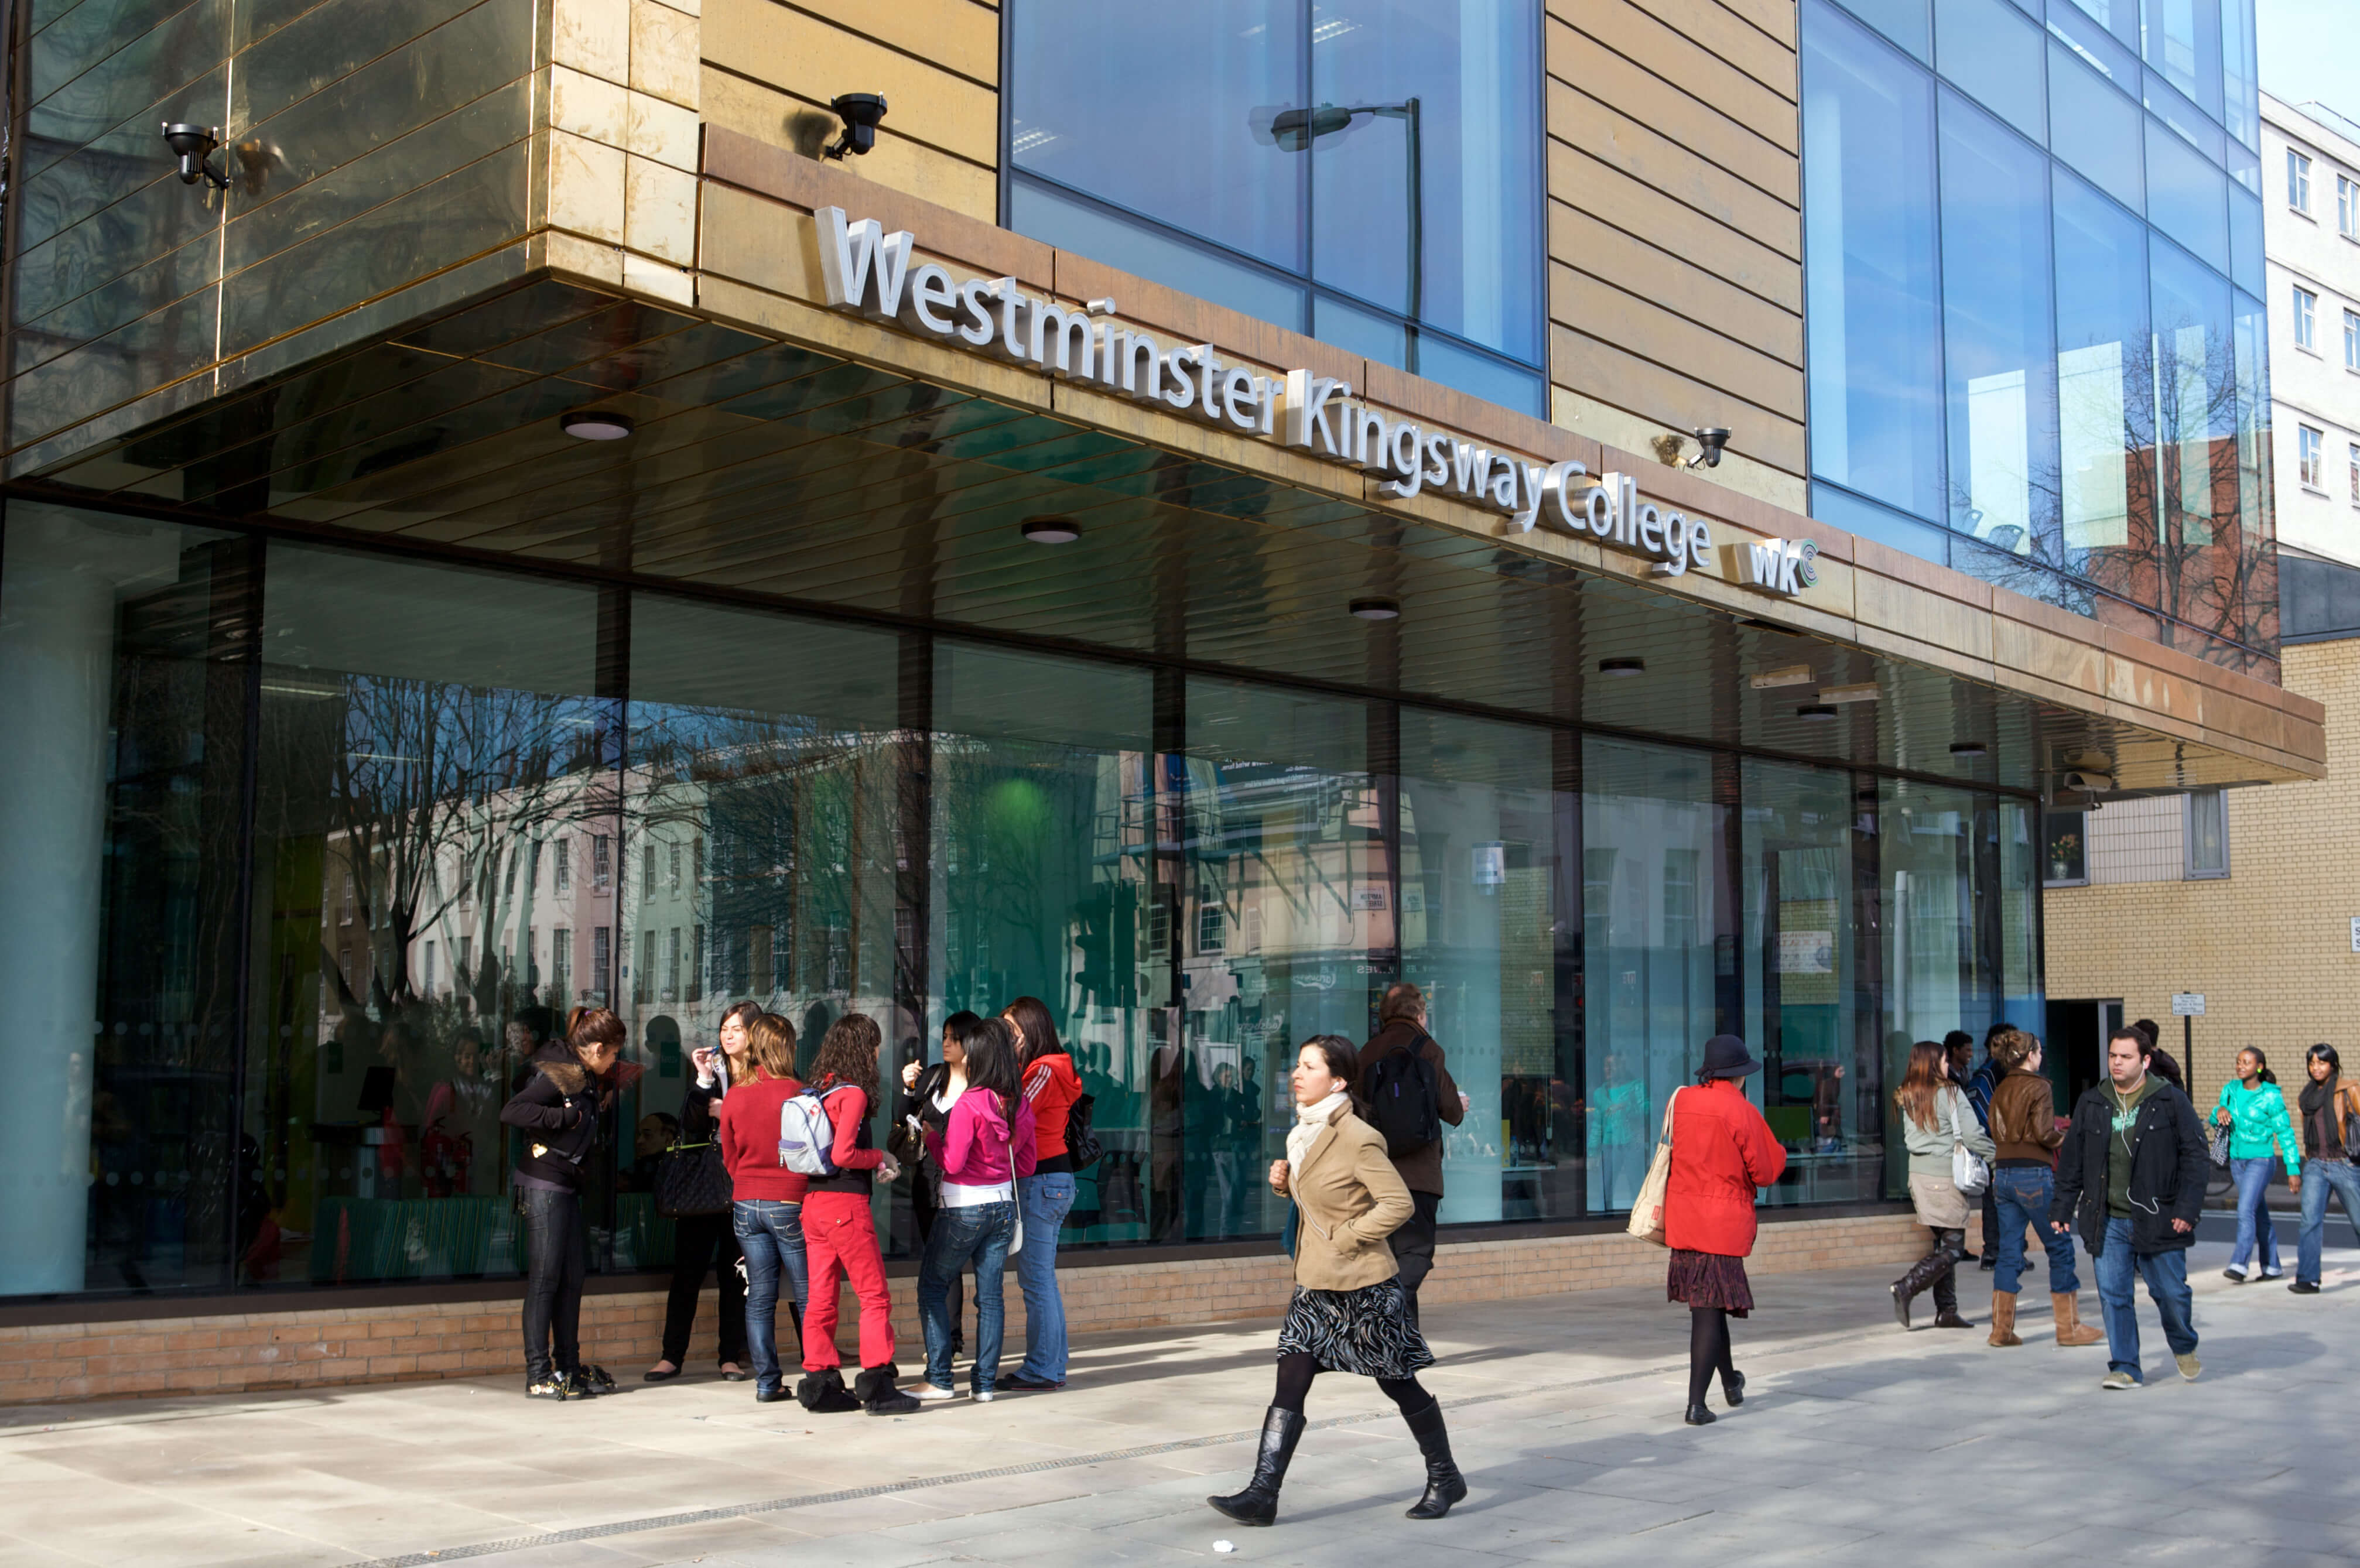 Westminster kingsway college 2